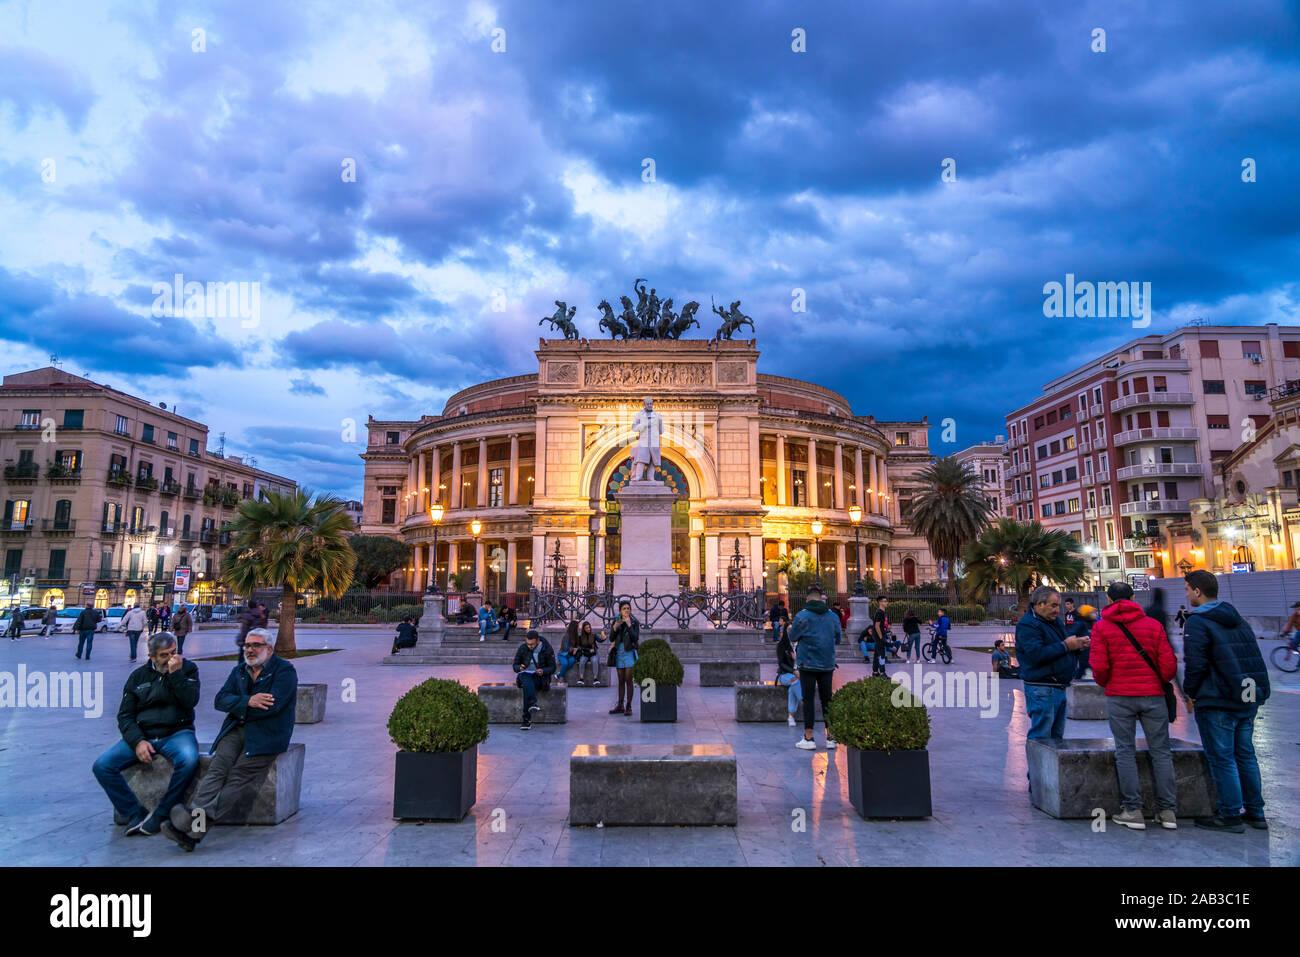 Theater Teatro Politeama Garibaldi in der Abenddämmerung, Palermo, Sizilien, Italien, Europa  | theatre Teatro Politeama Garibaldi at dusk,  Palermo, Stock Photo